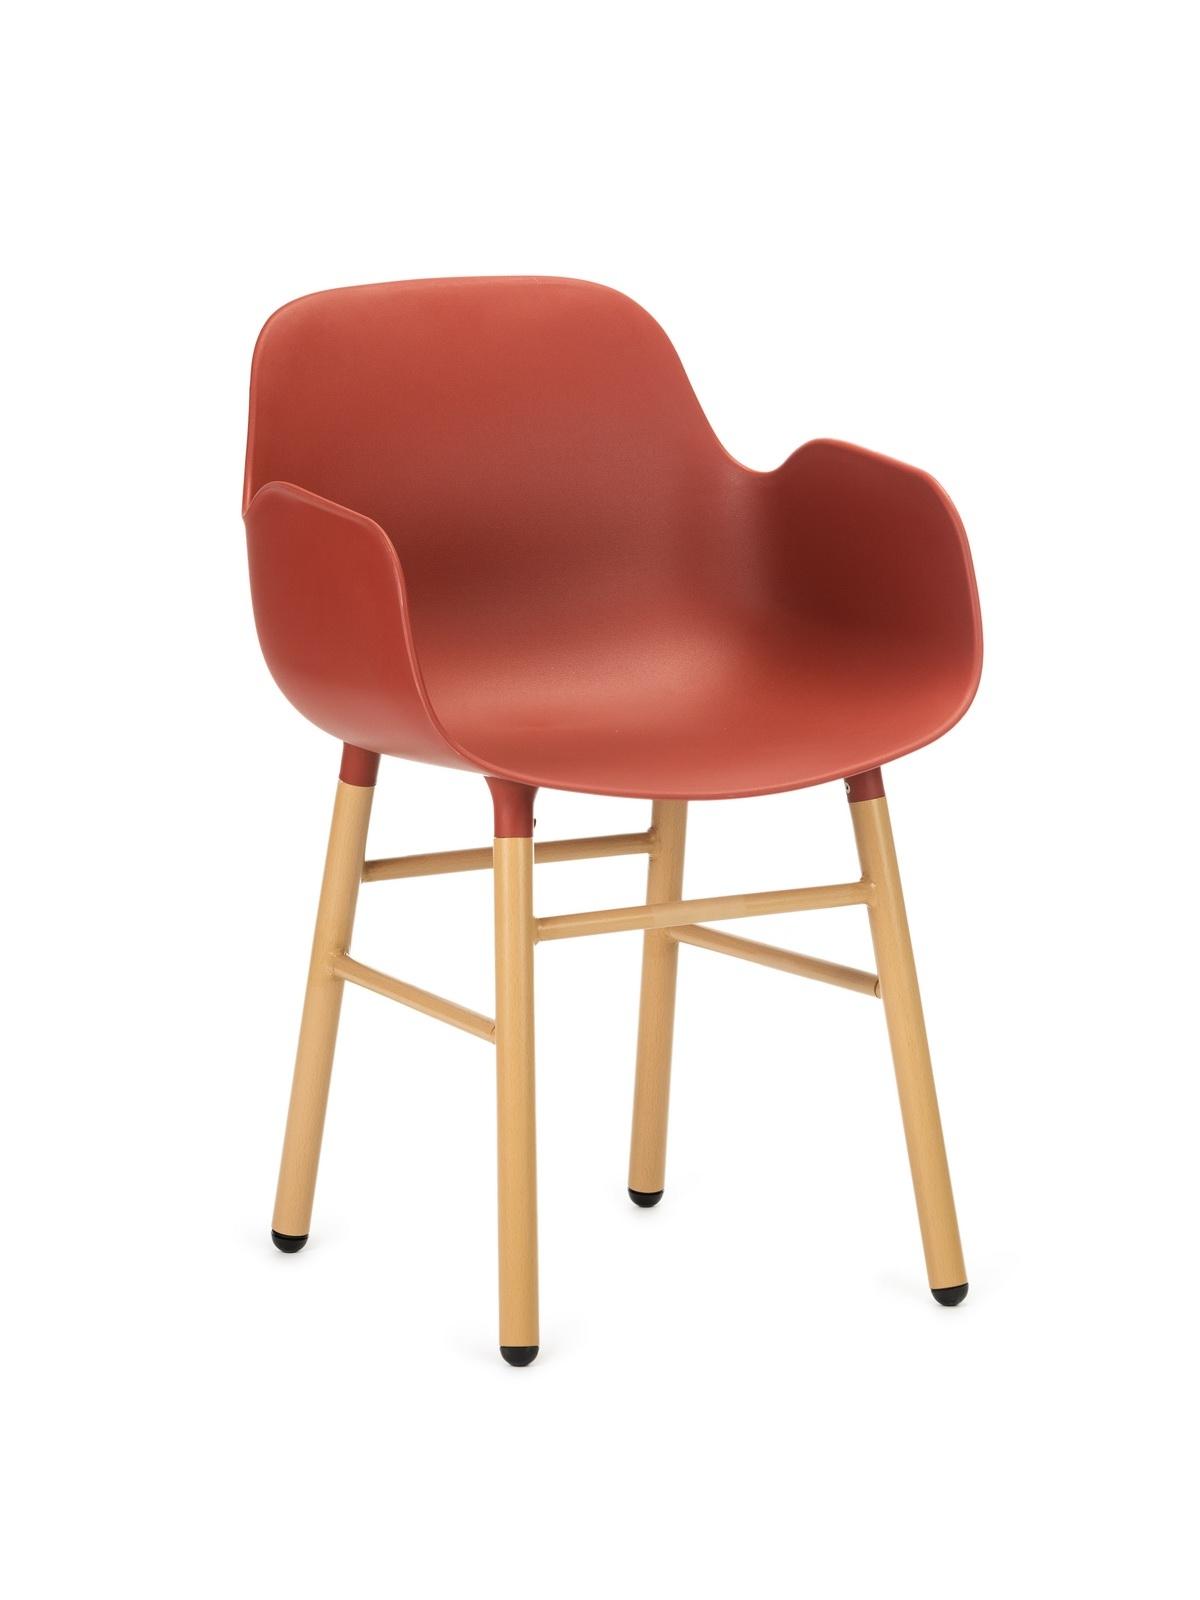 Scaun din plastic cu picioare metalice Wayne Red, l55xA56xH80 cm